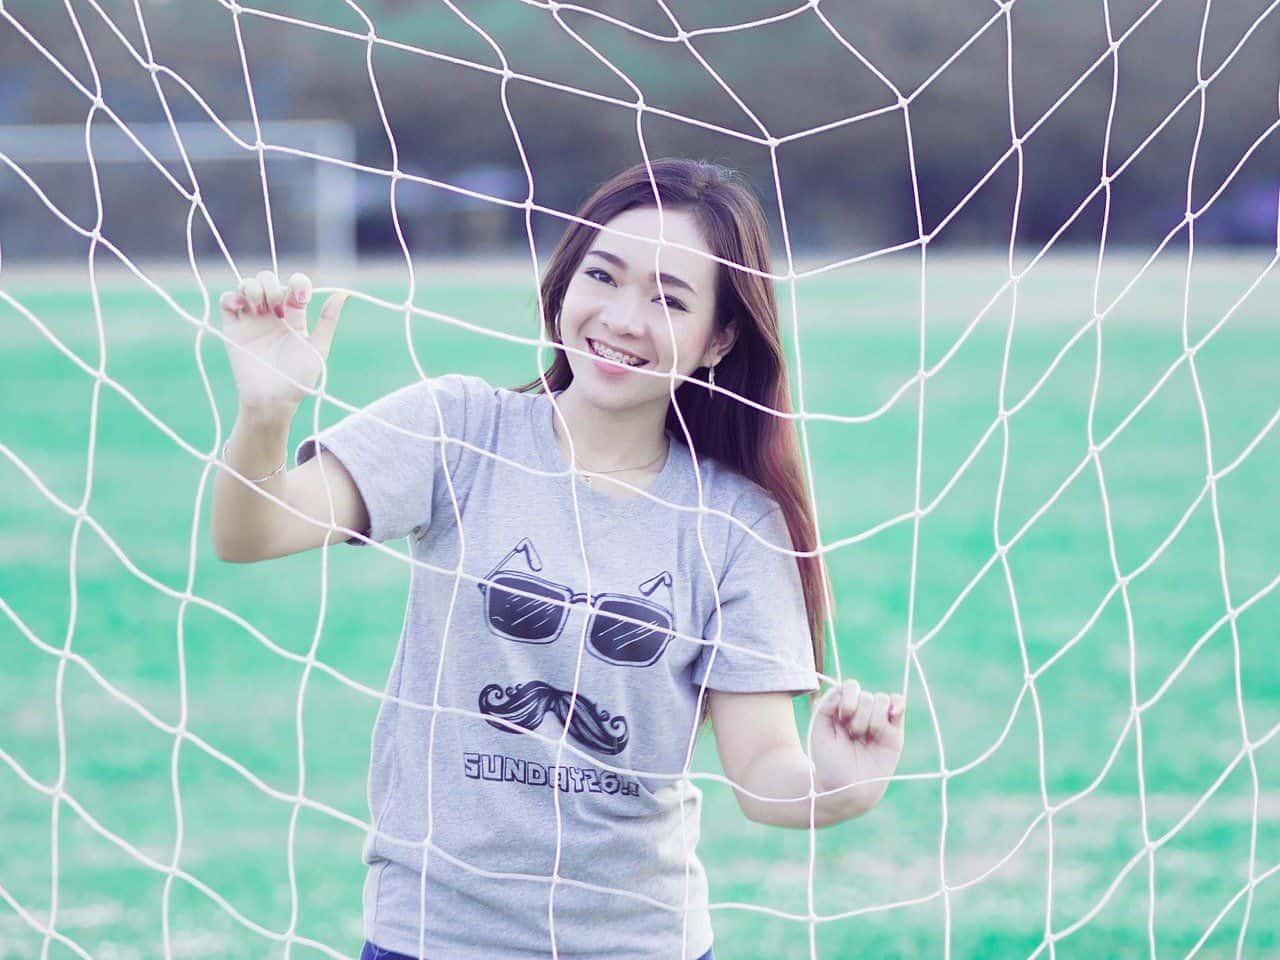 Thailändische weibliche Fußballfans jubeln über die Entscheidung